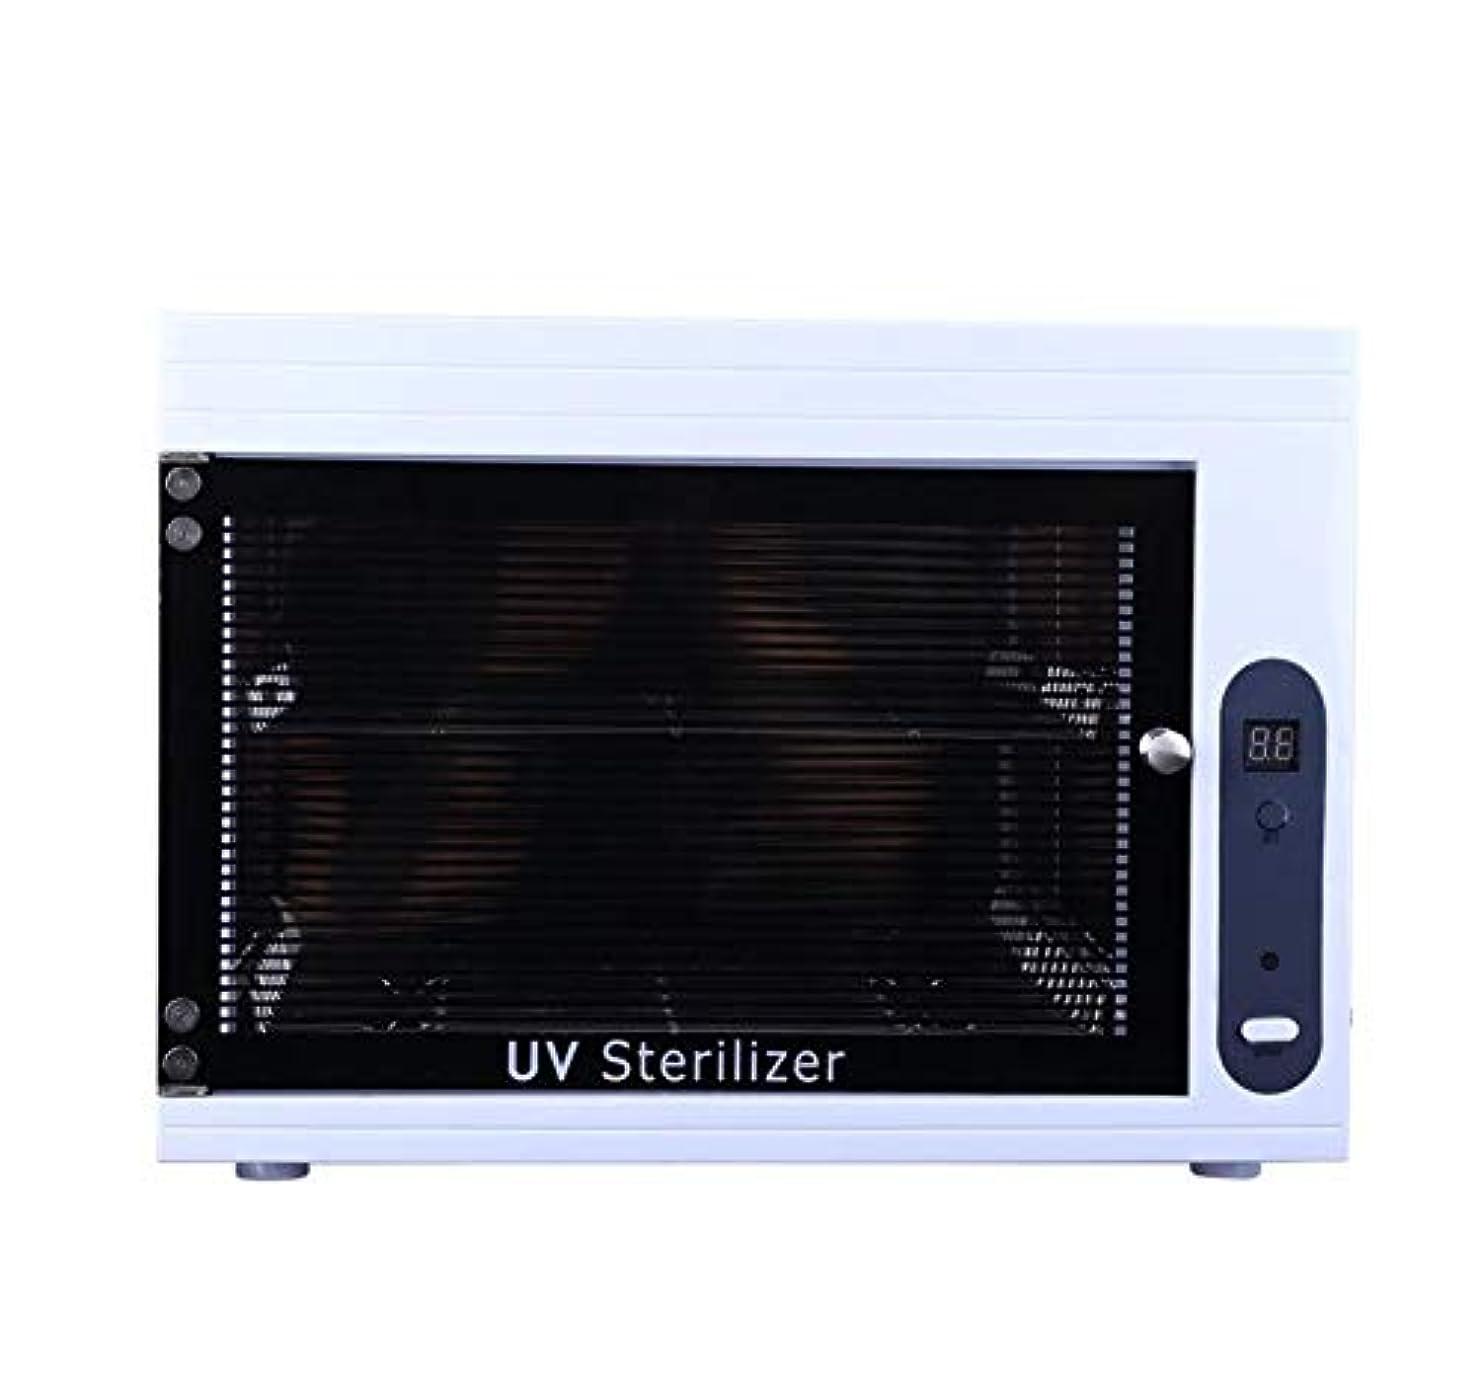 区別傷つきやすいマイルストーンネイル滅菌装置UV消毒機消毒キャビネット滅菌ボックス美容サロンマニキュアネイルアートツール機